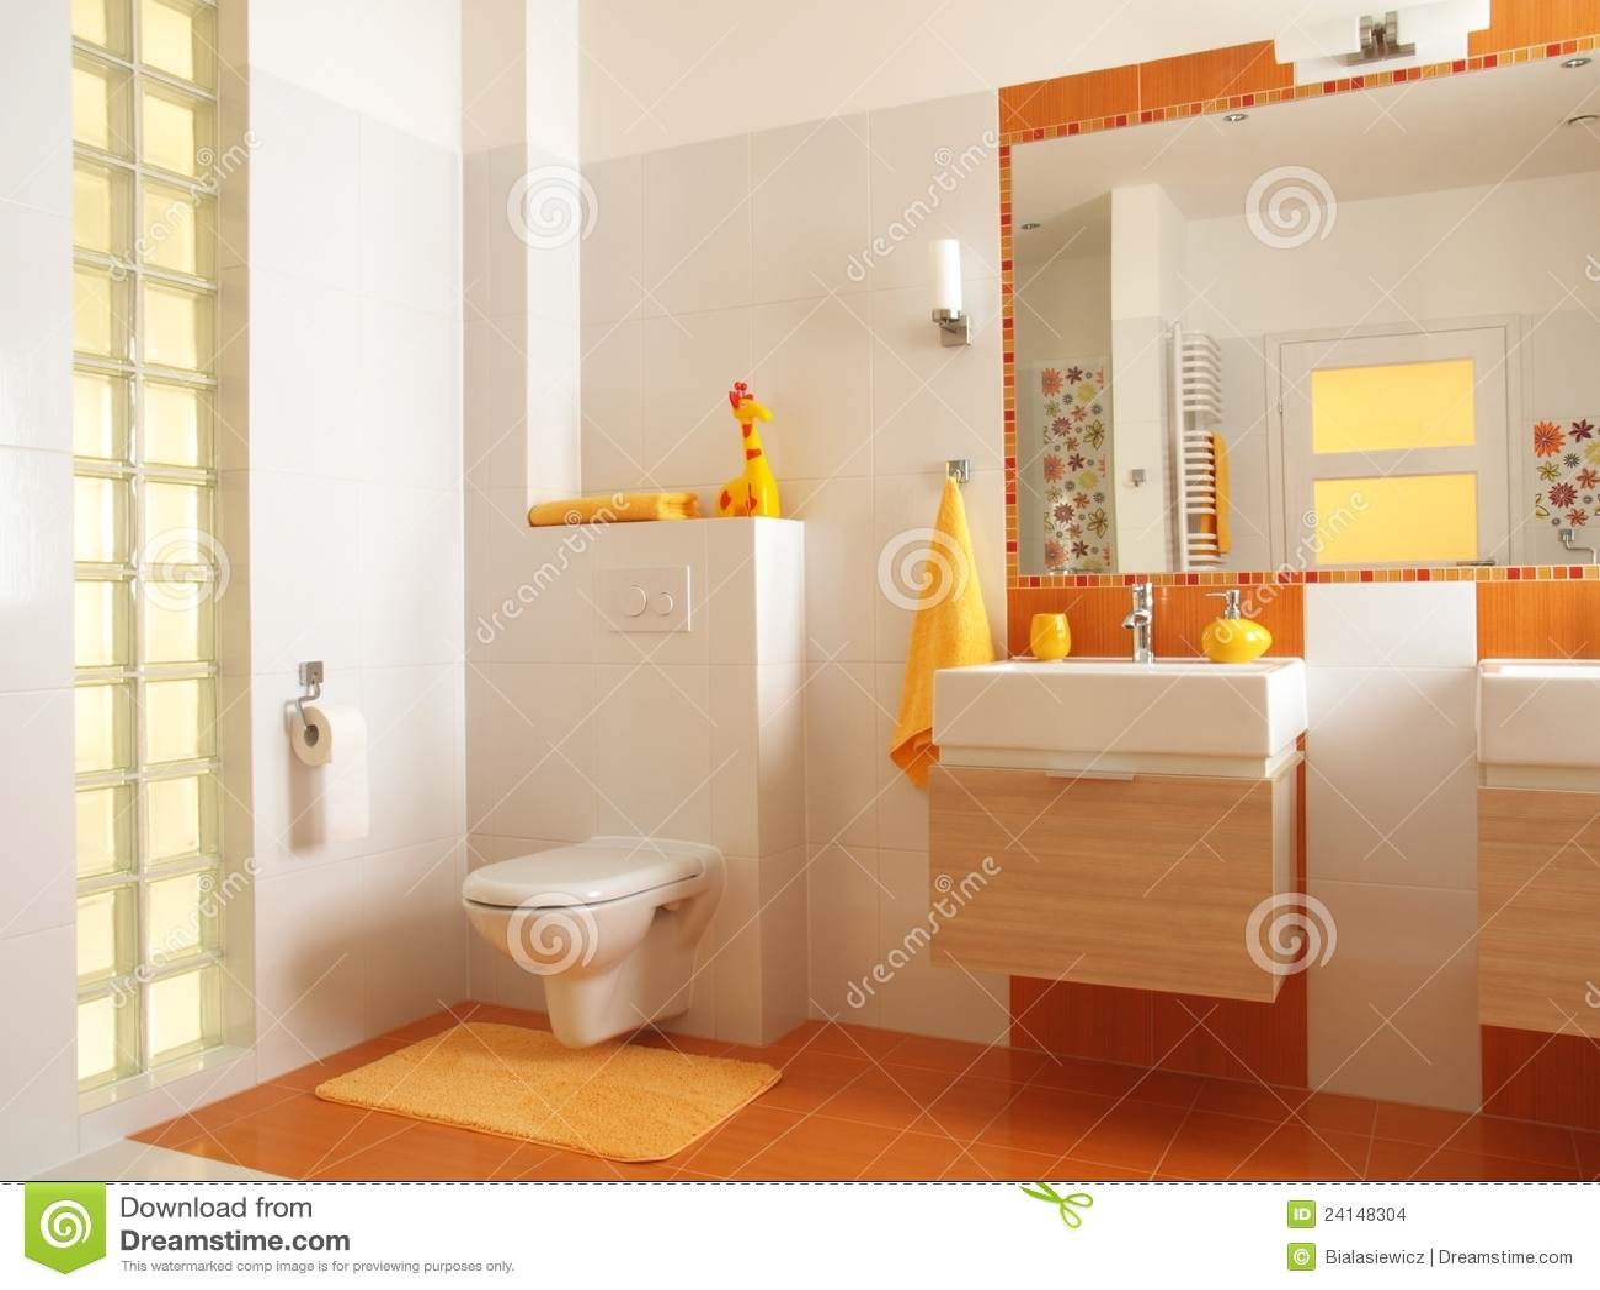 salle de bains colore denfants avec la toilette images stock - Salle De Bain Enfant Coloree